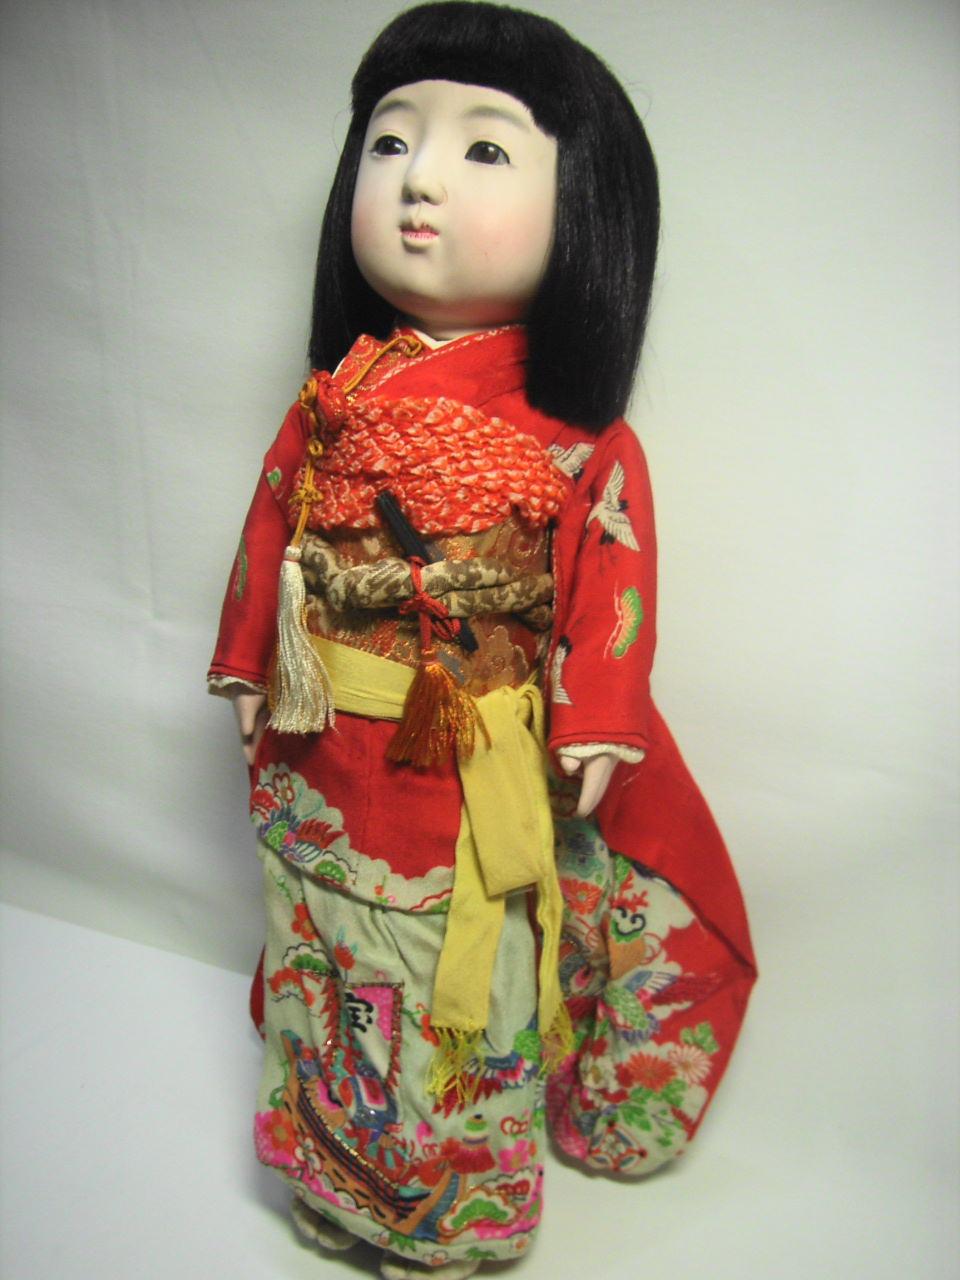 時代感あり☆市松人形 着物 【AJ1127】